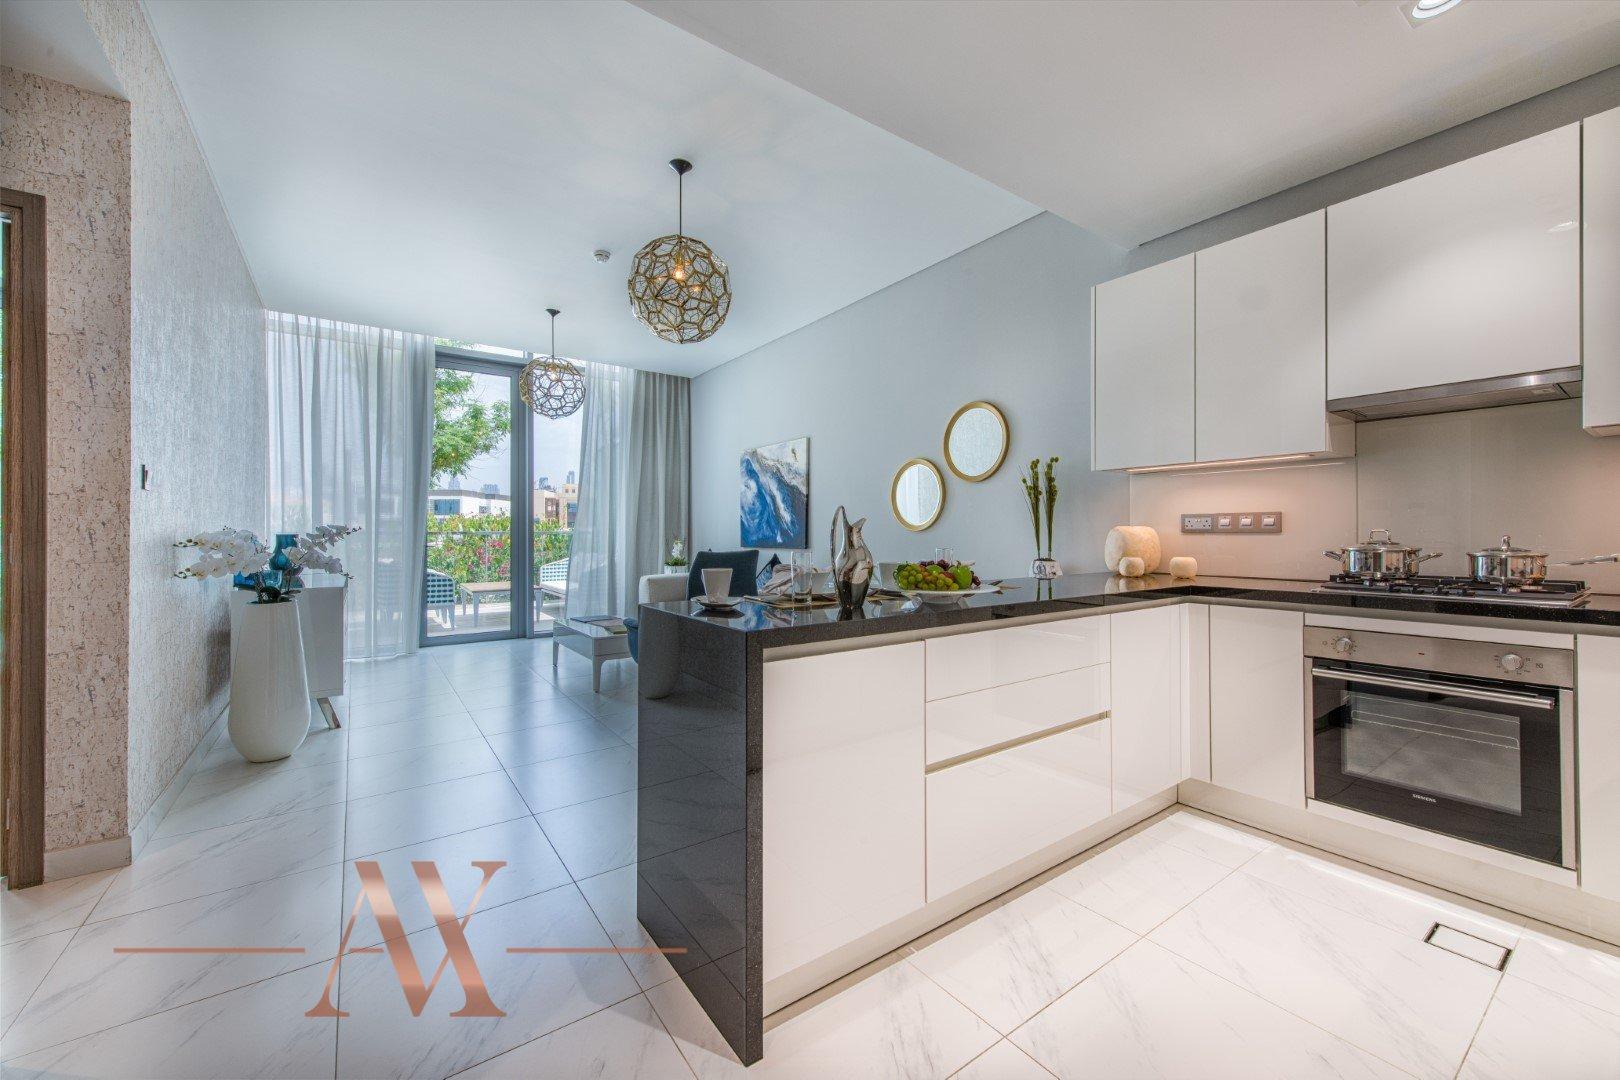 Apartment for sale in Dubai, UAE, 2 bedrooms, 109 m2, No. 23688 – photo 1